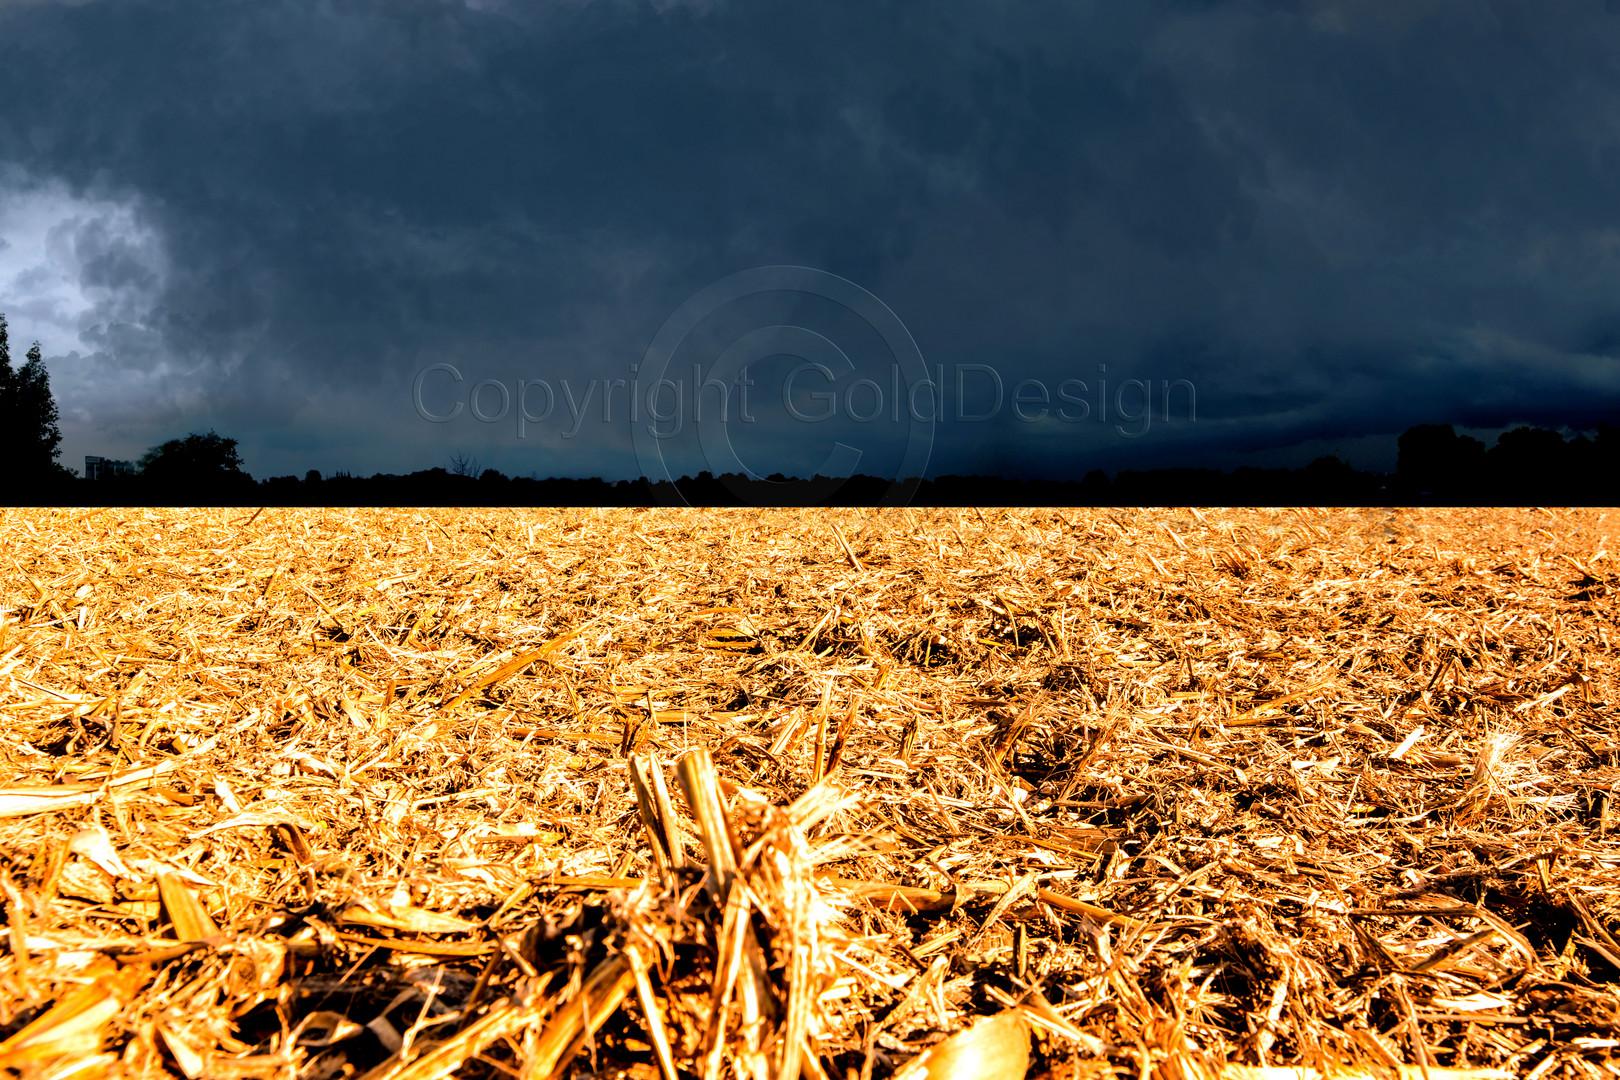 Gewitterstimmung im Herbst